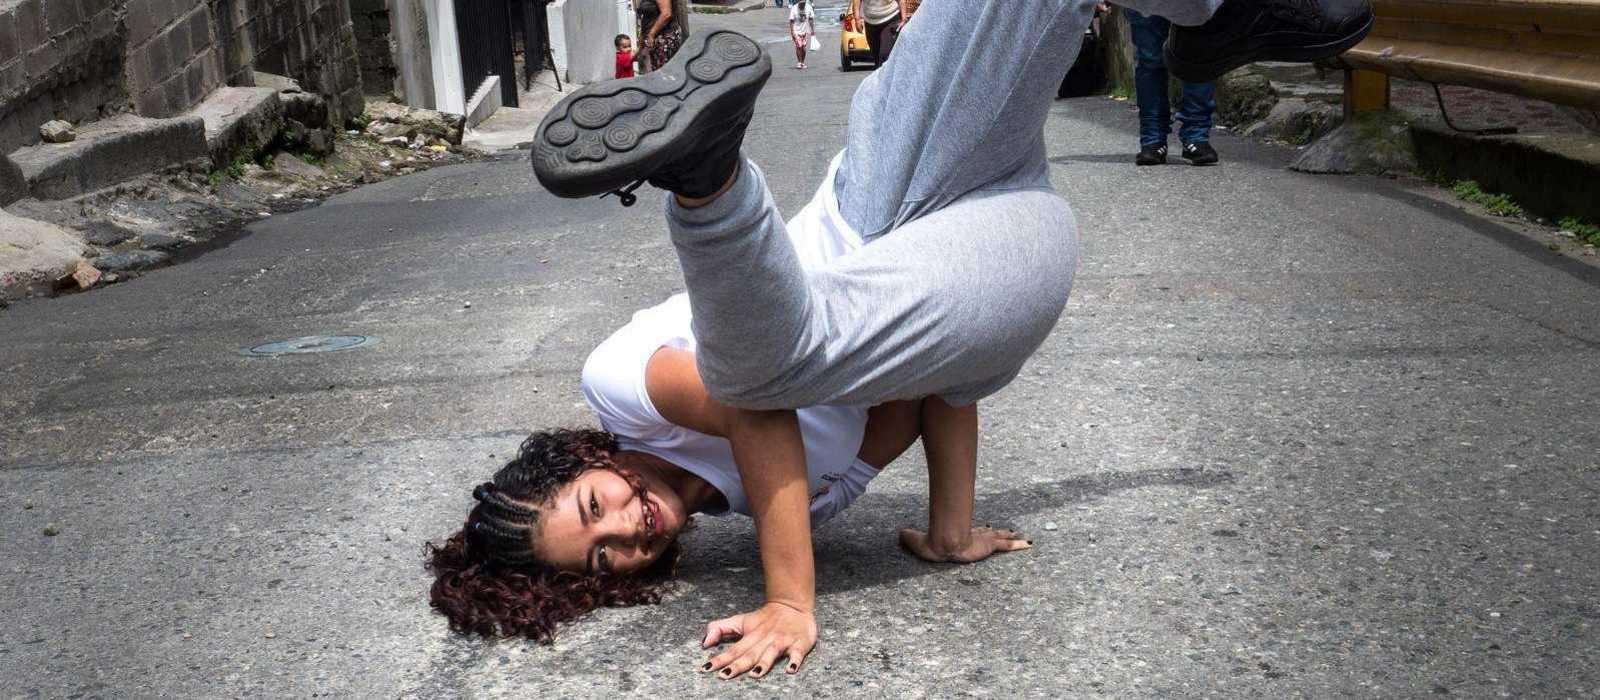 Mädchen macht Kopfstand auf einer Straße in Medellín